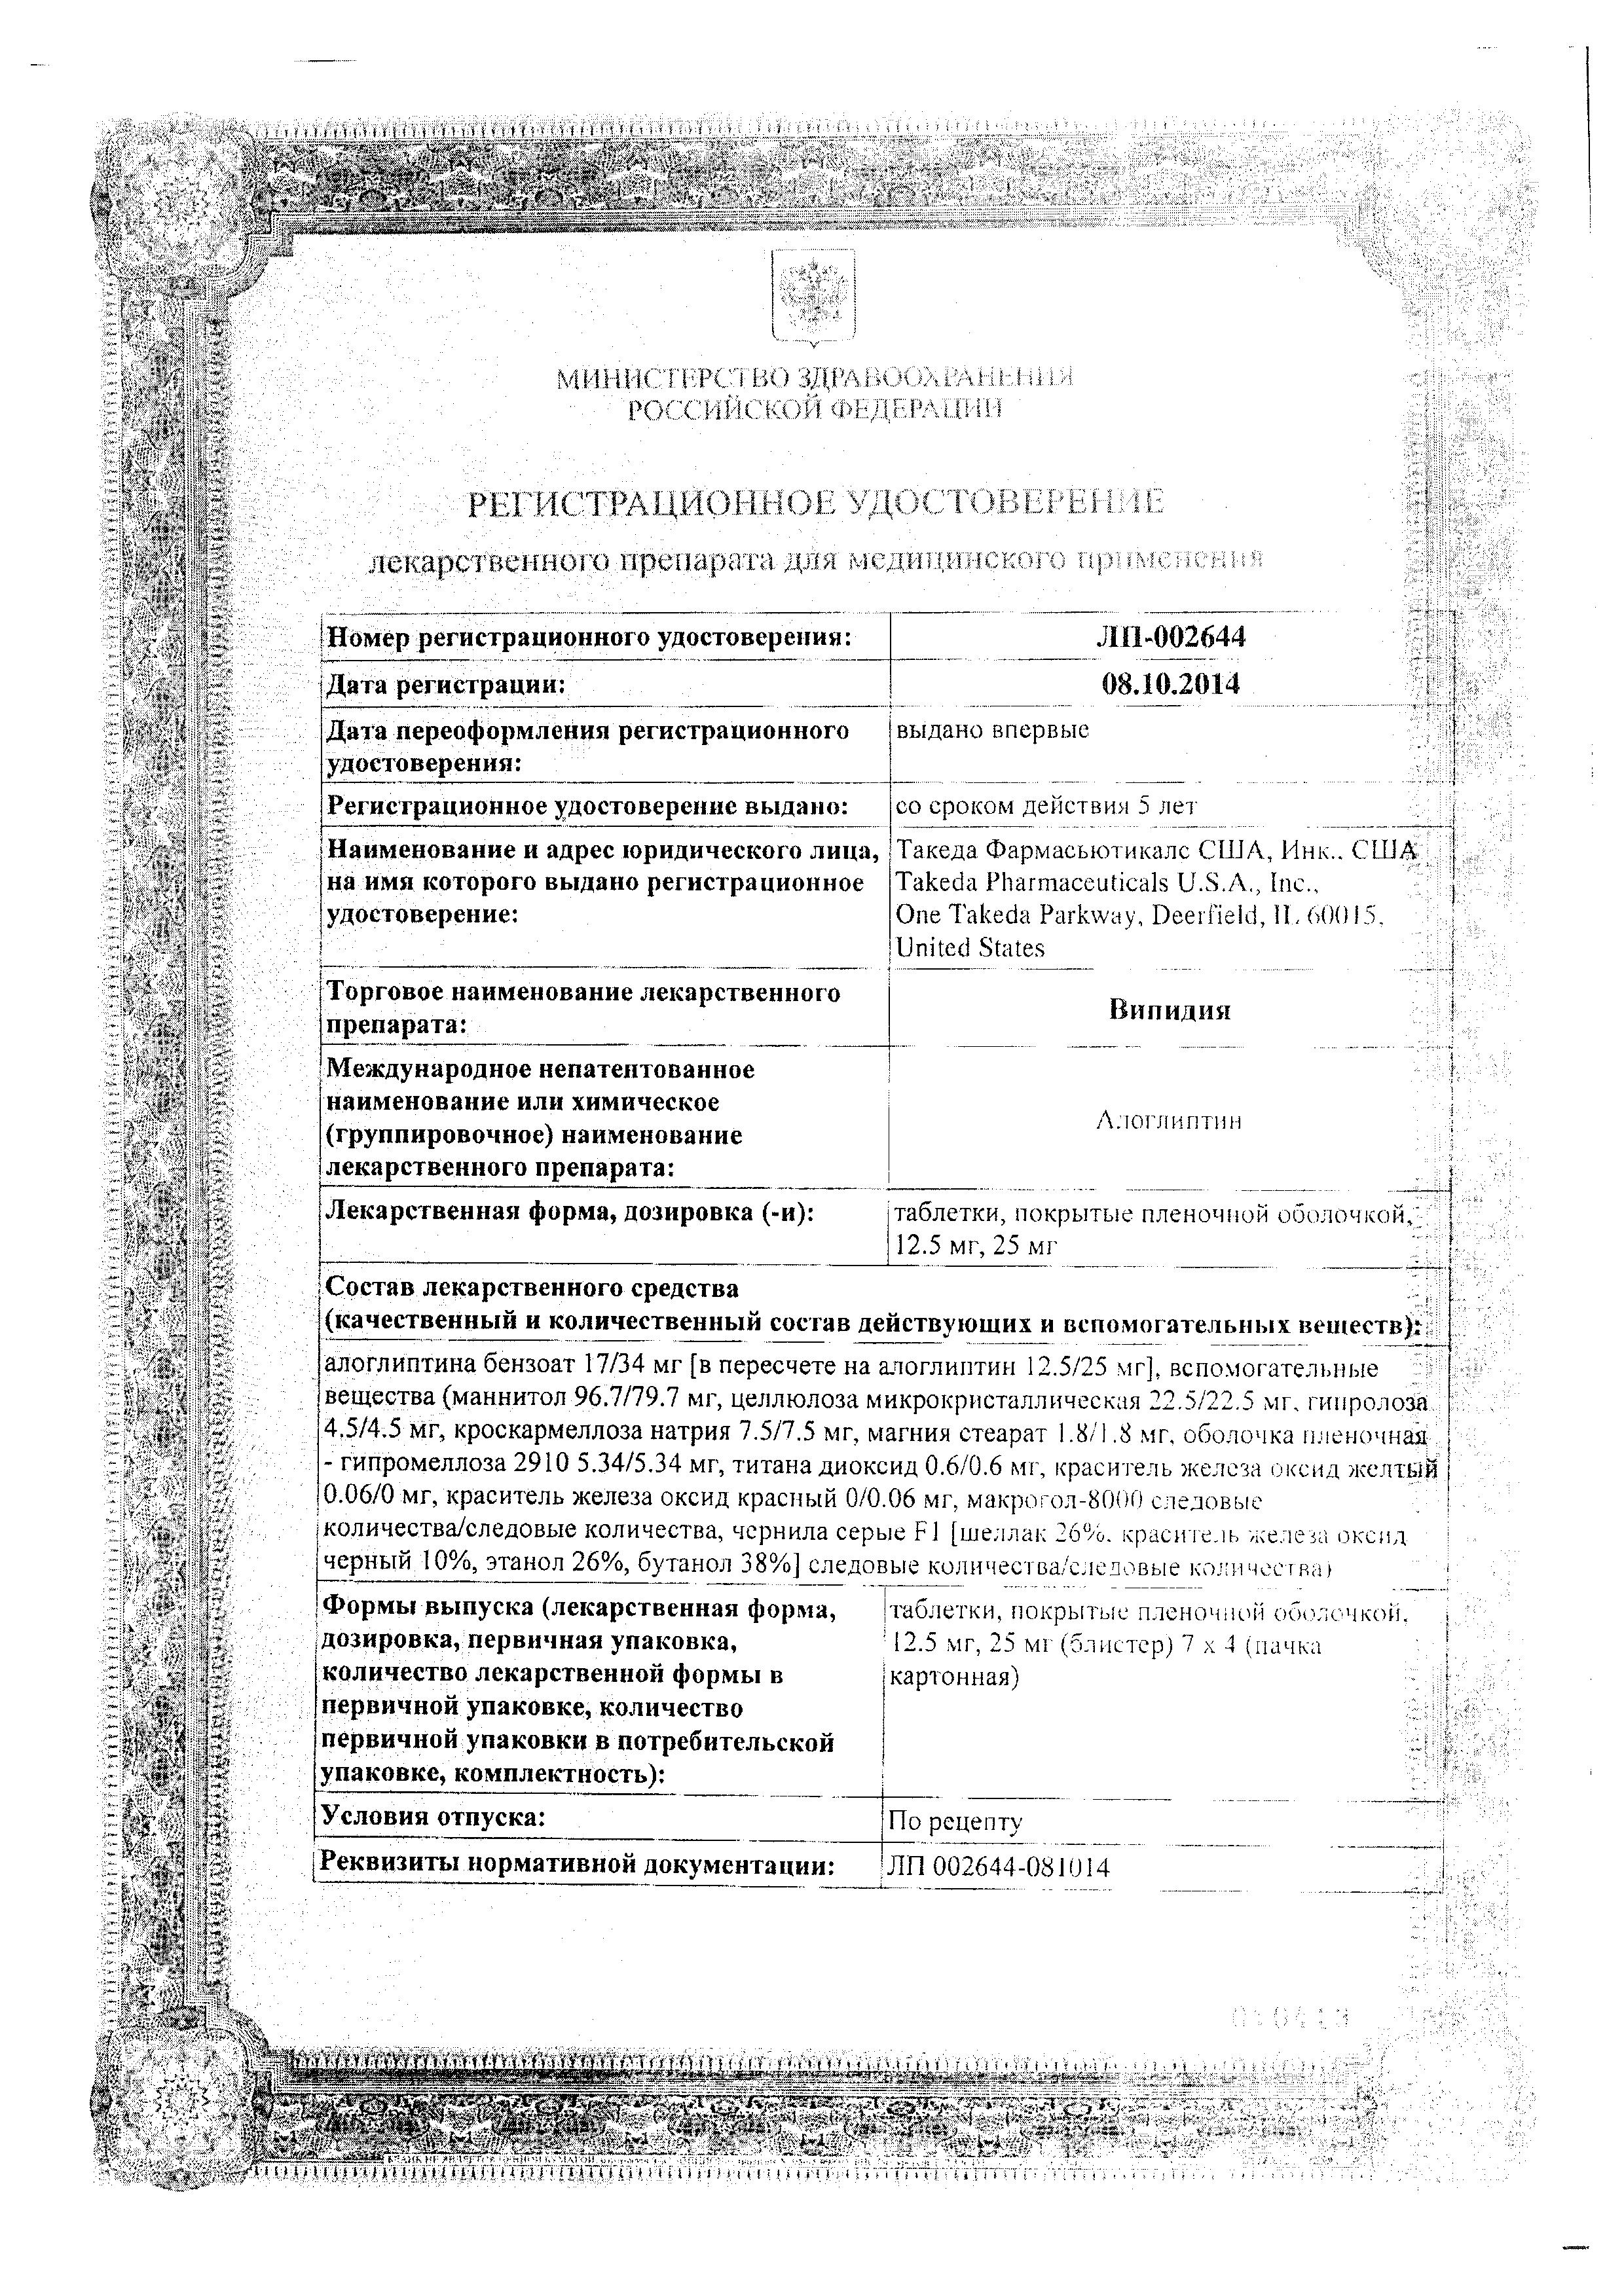 Випидия сертификат